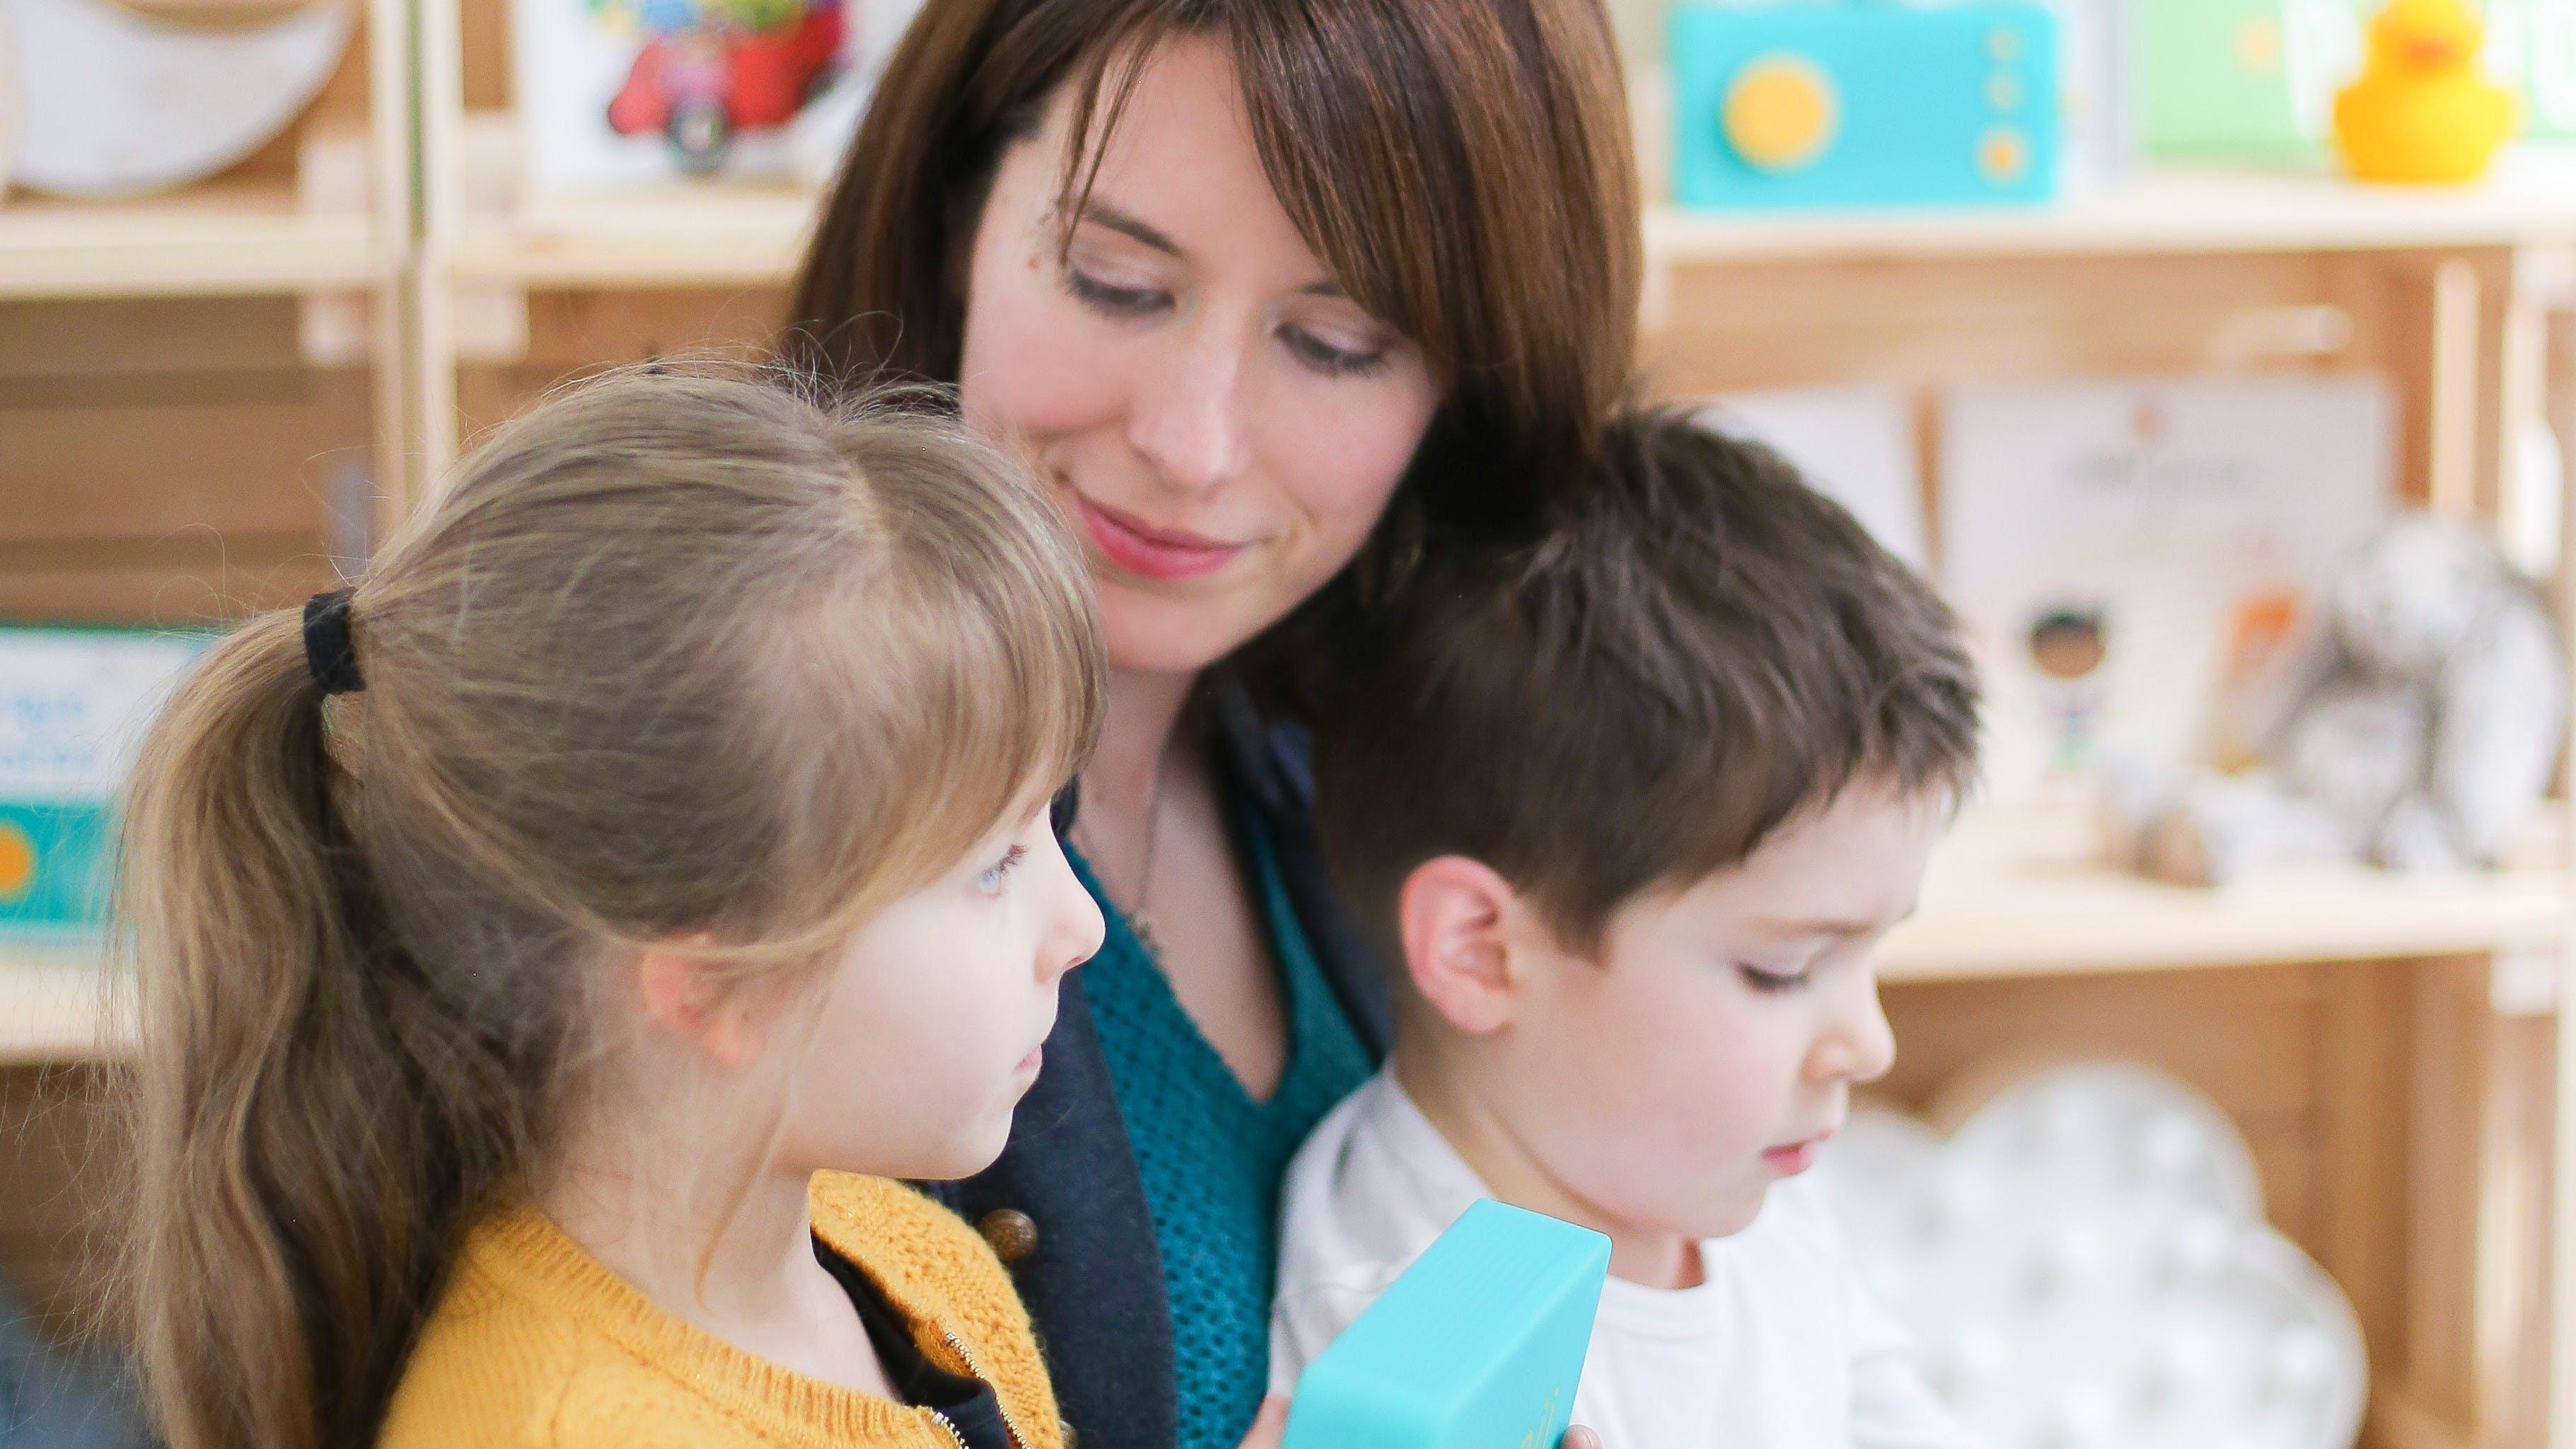 Des histoires pour créer et éveiller l'imagination tout en apprenant et en partageant avec famille et amis.